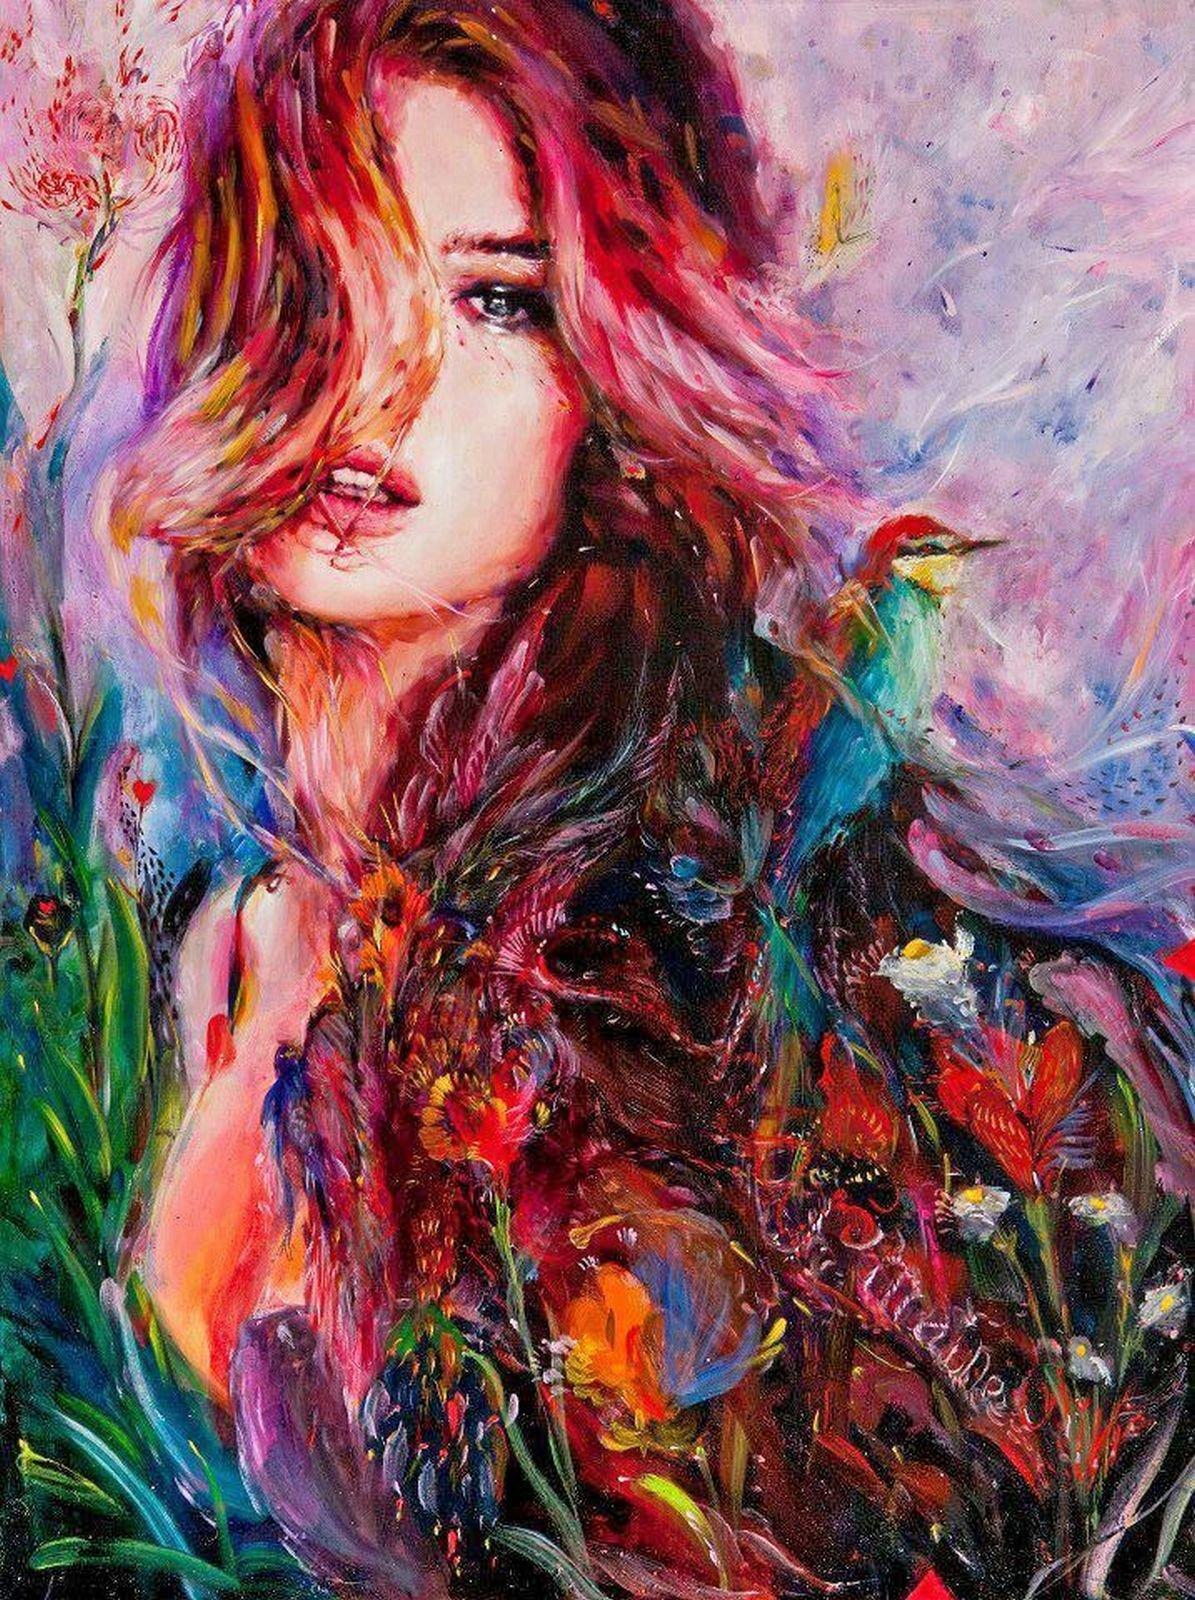 Картинки красивые с девушками нарисованные, новому